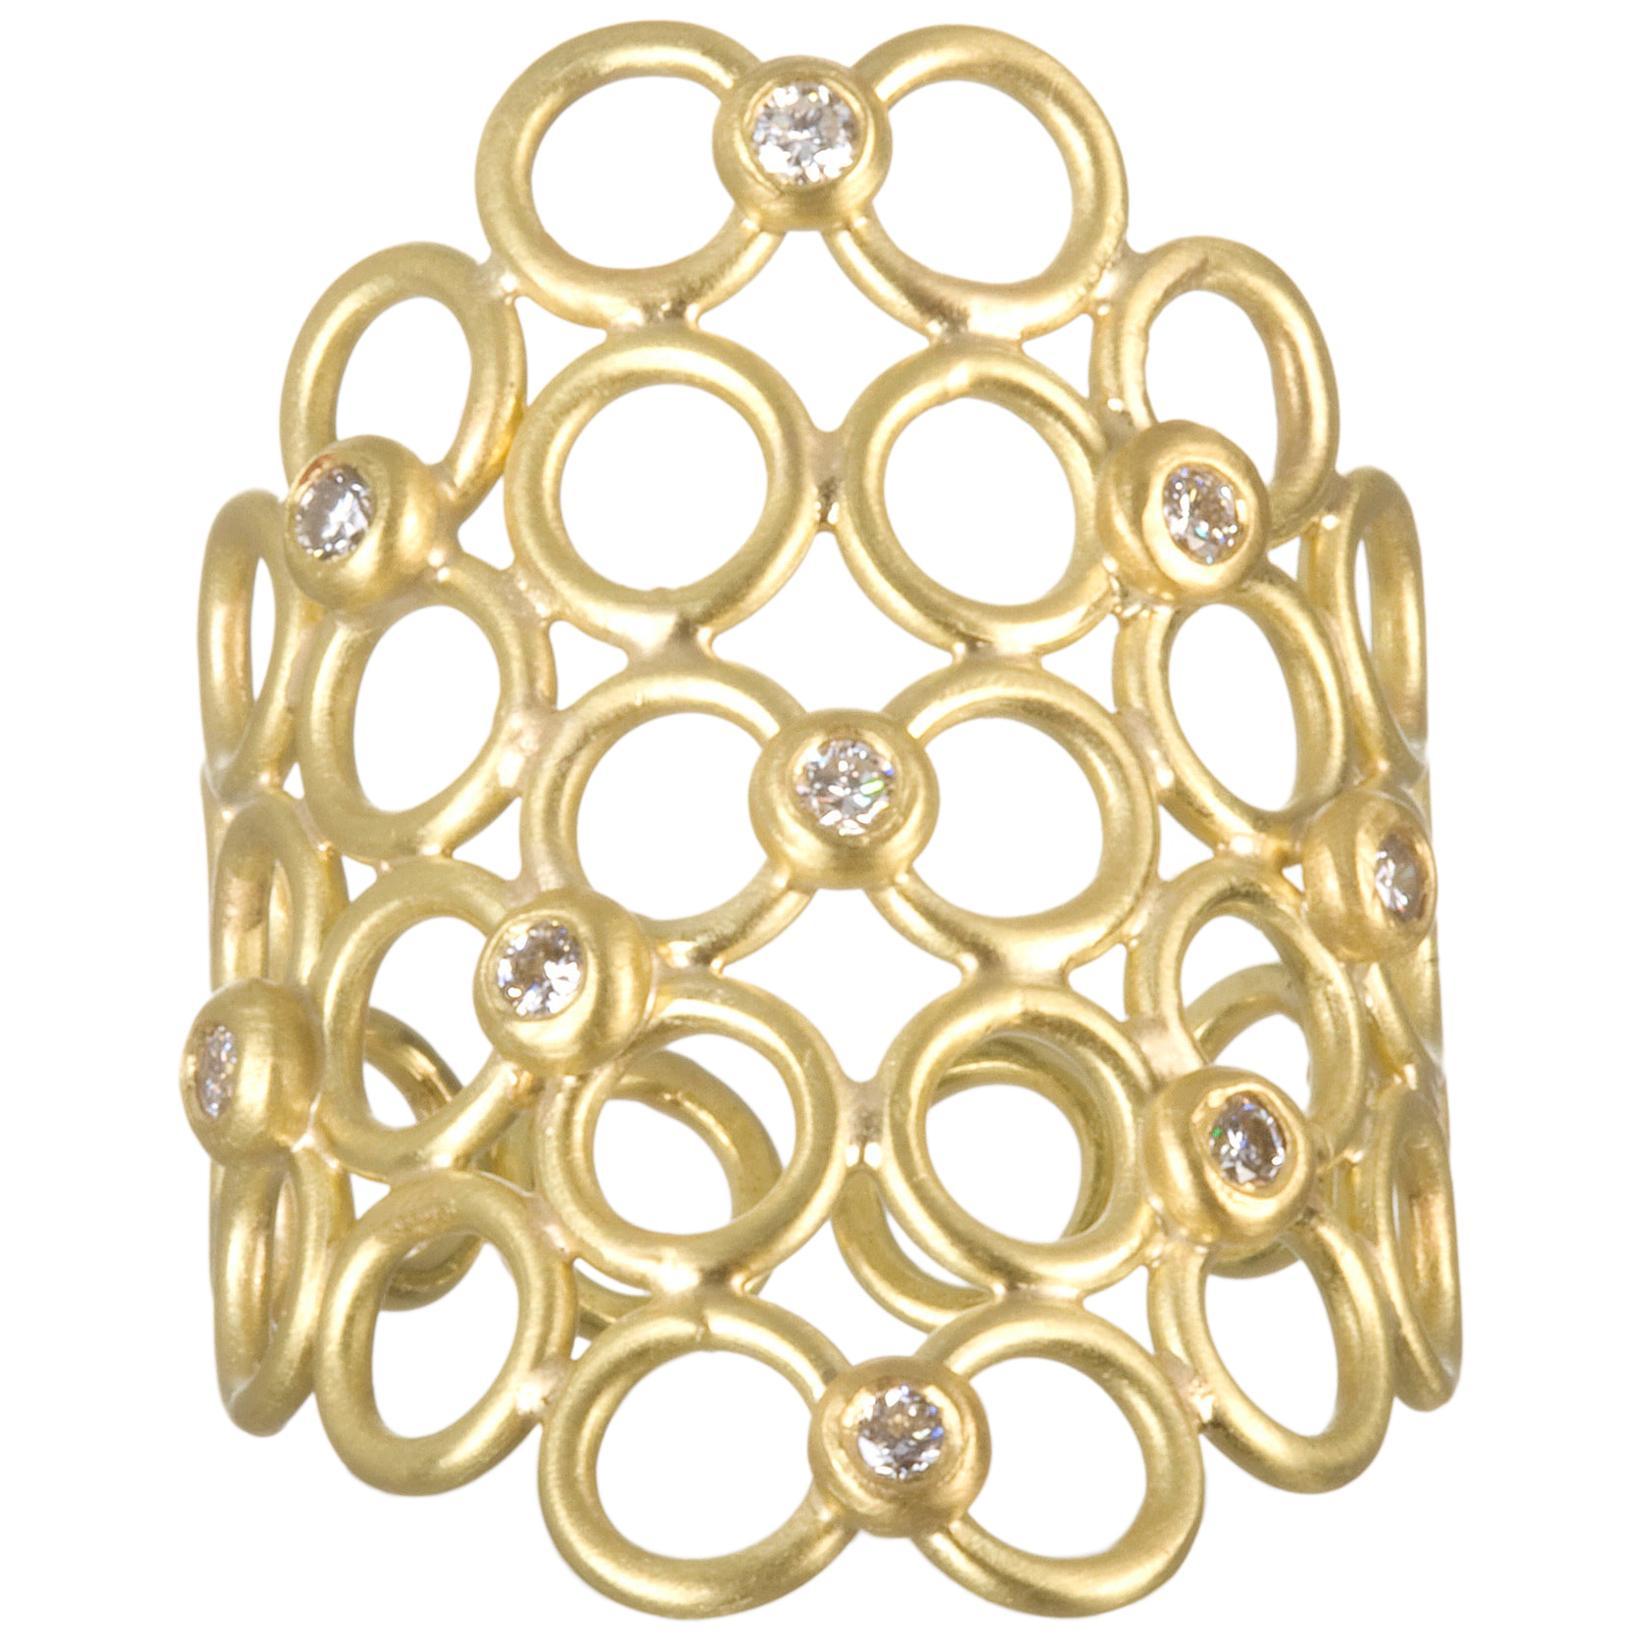 Faye Kim 18 Karat Gold Diamond Mesh Cocktail Ring